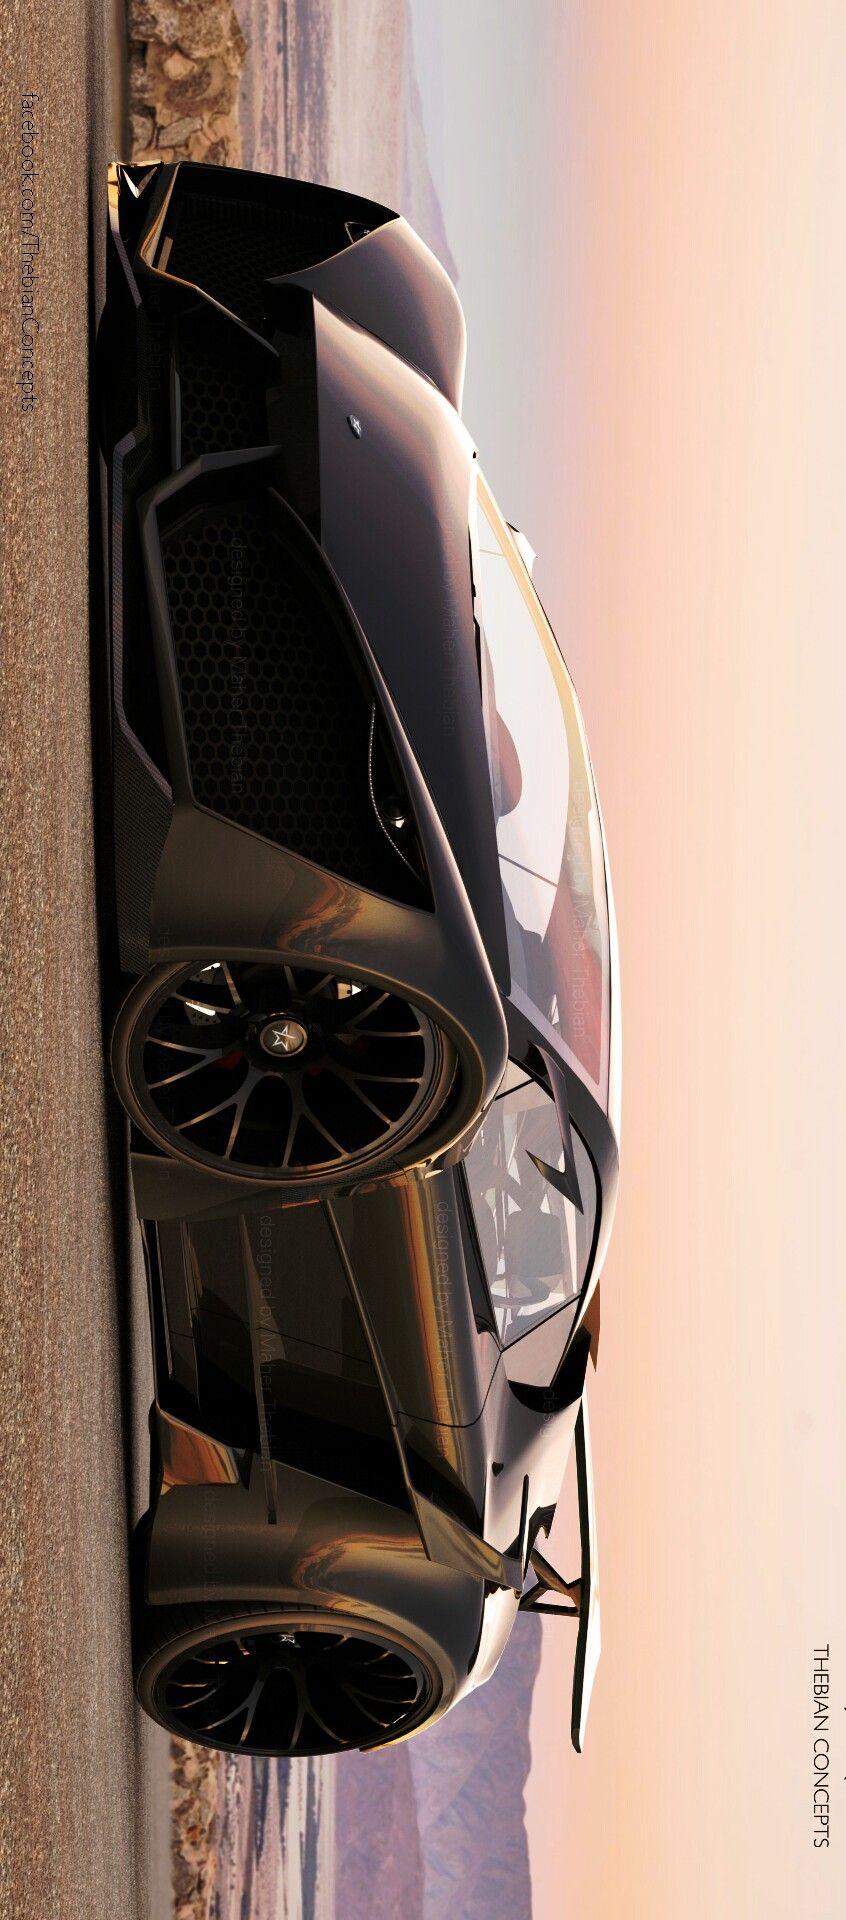 Superbe Lamborghini Sinistro Designed By Maher Thebian